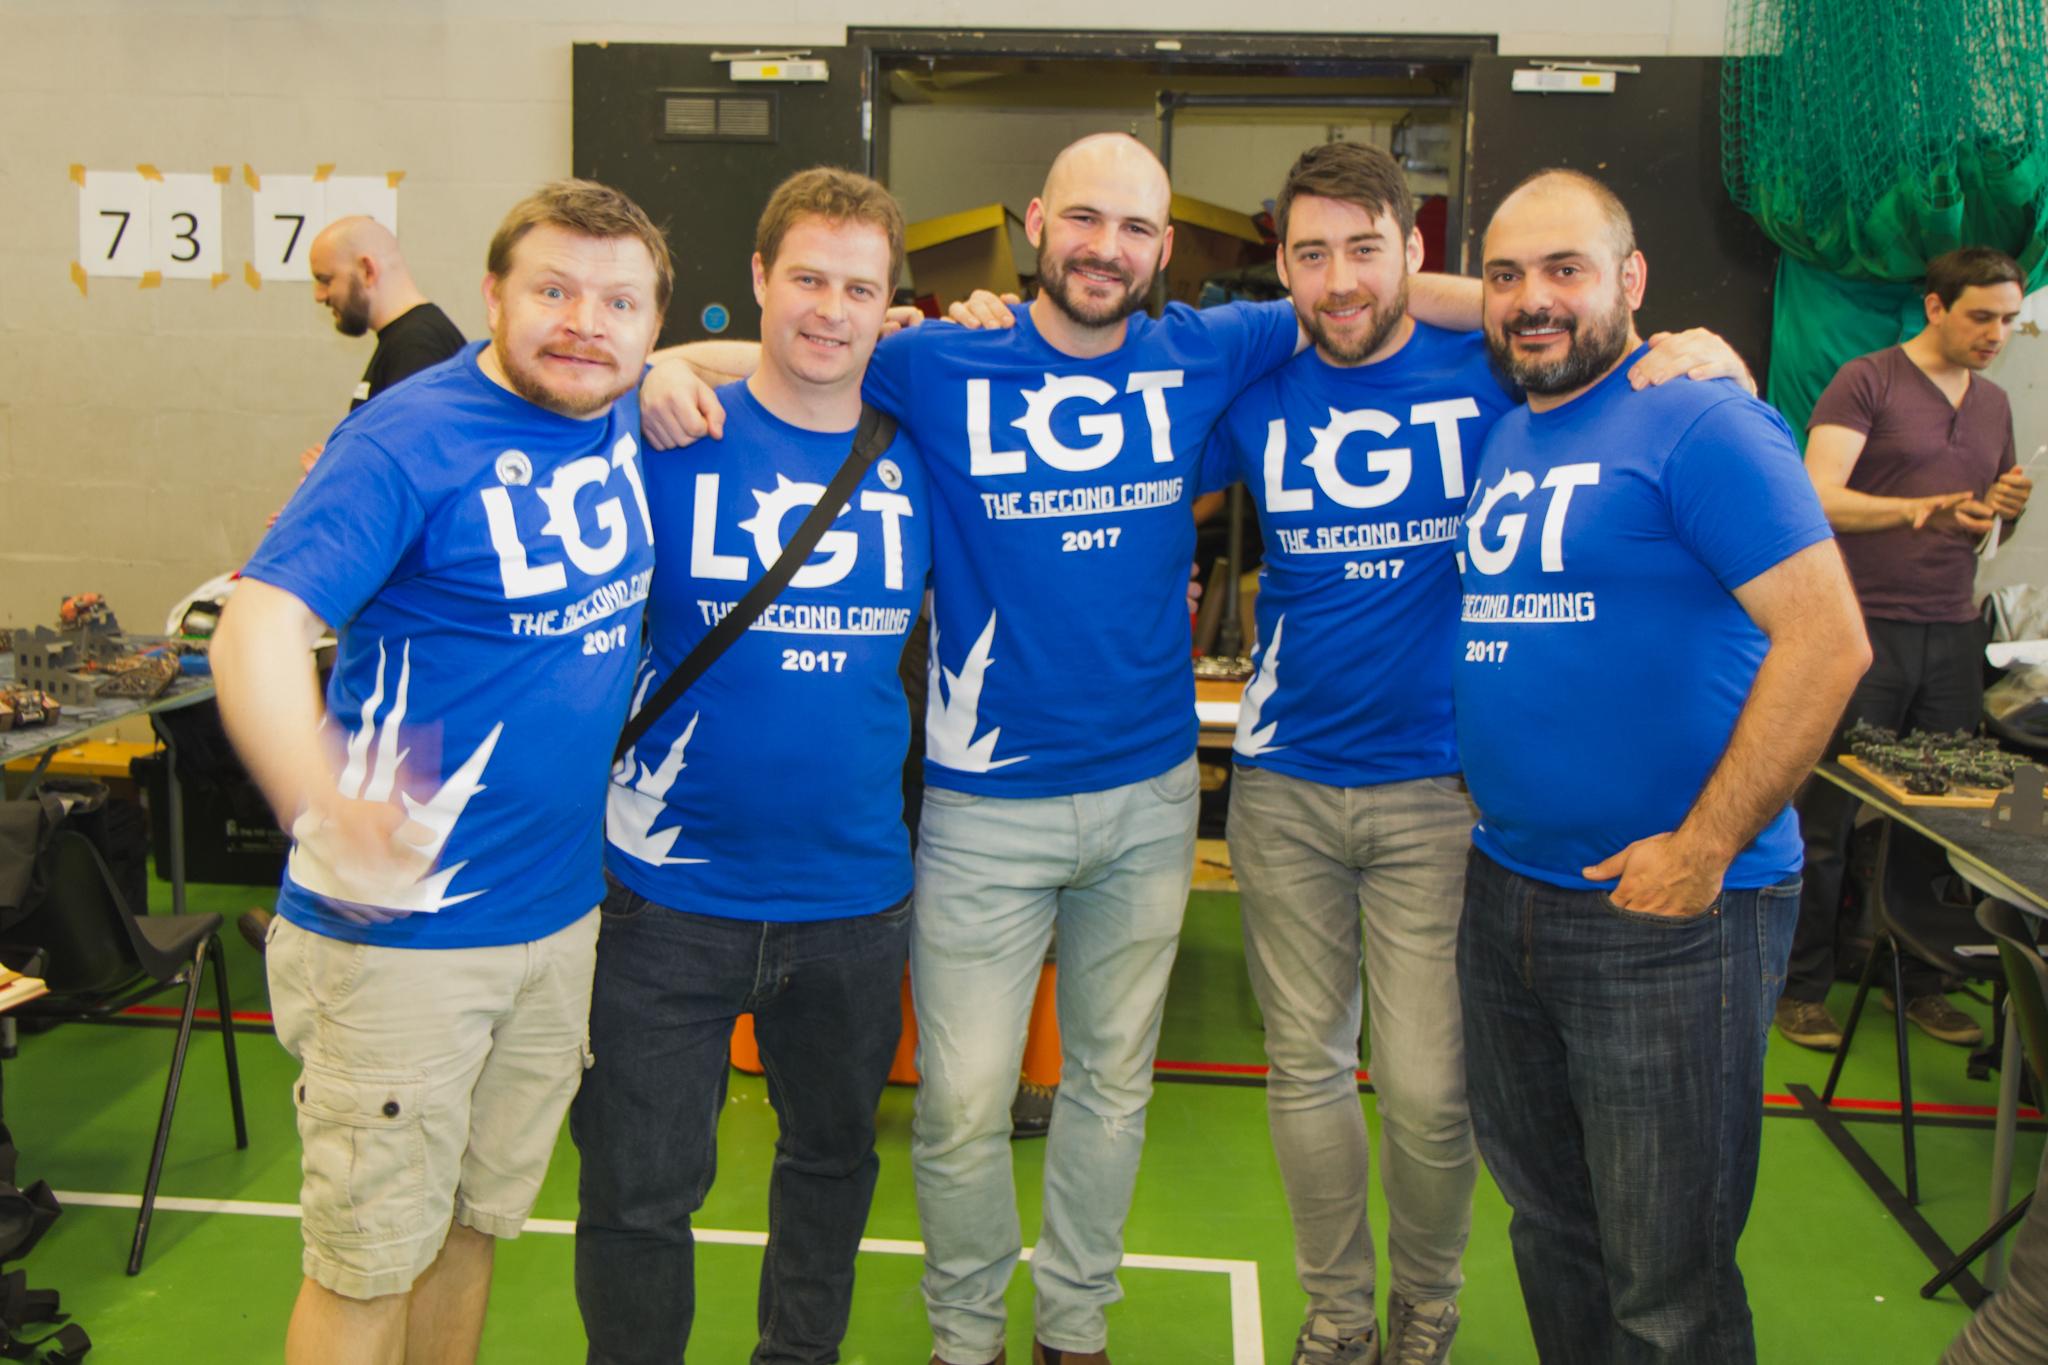 LGT-2017-1341